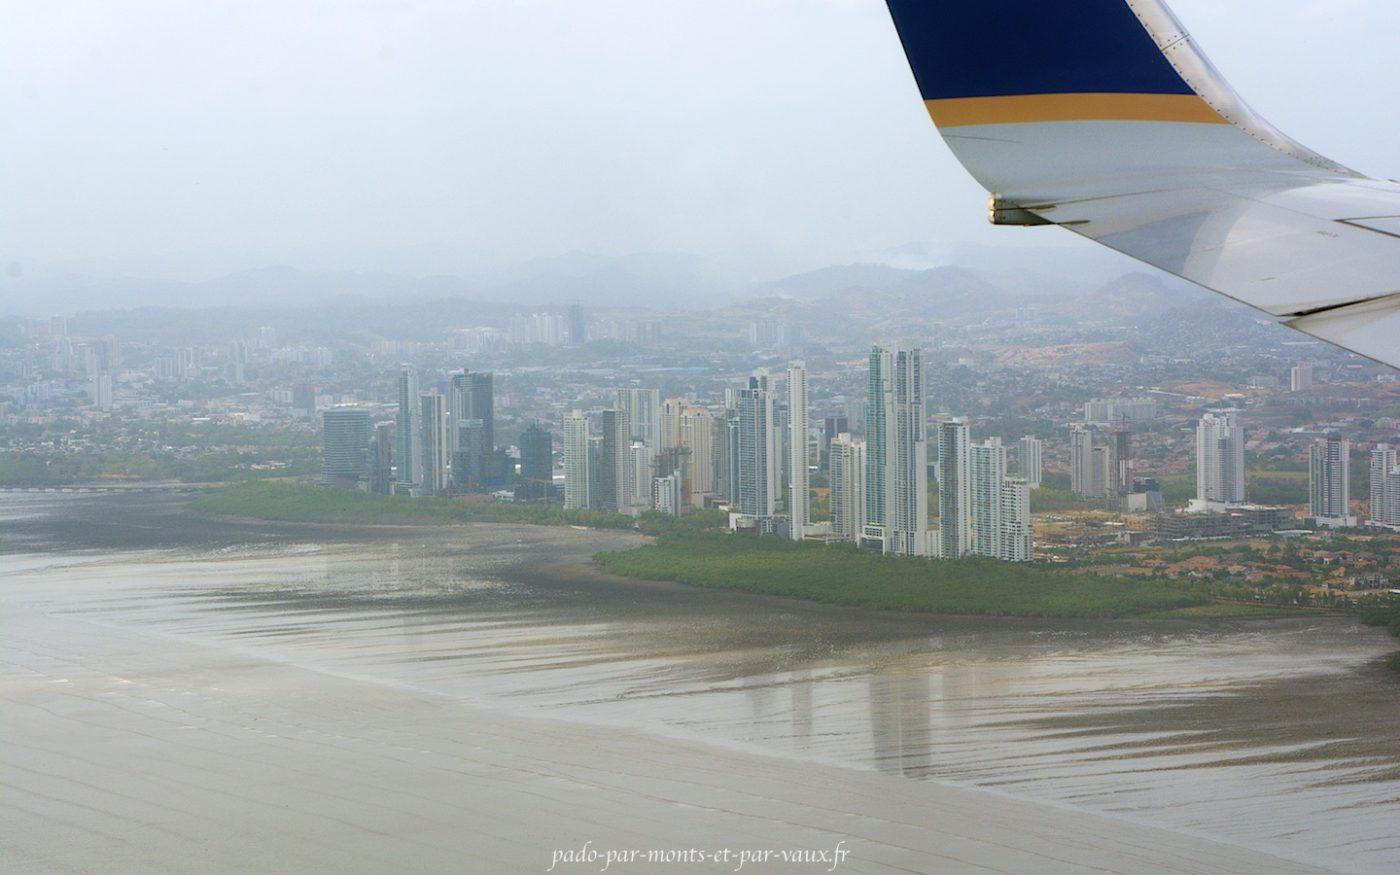 Arrivée à Panama city